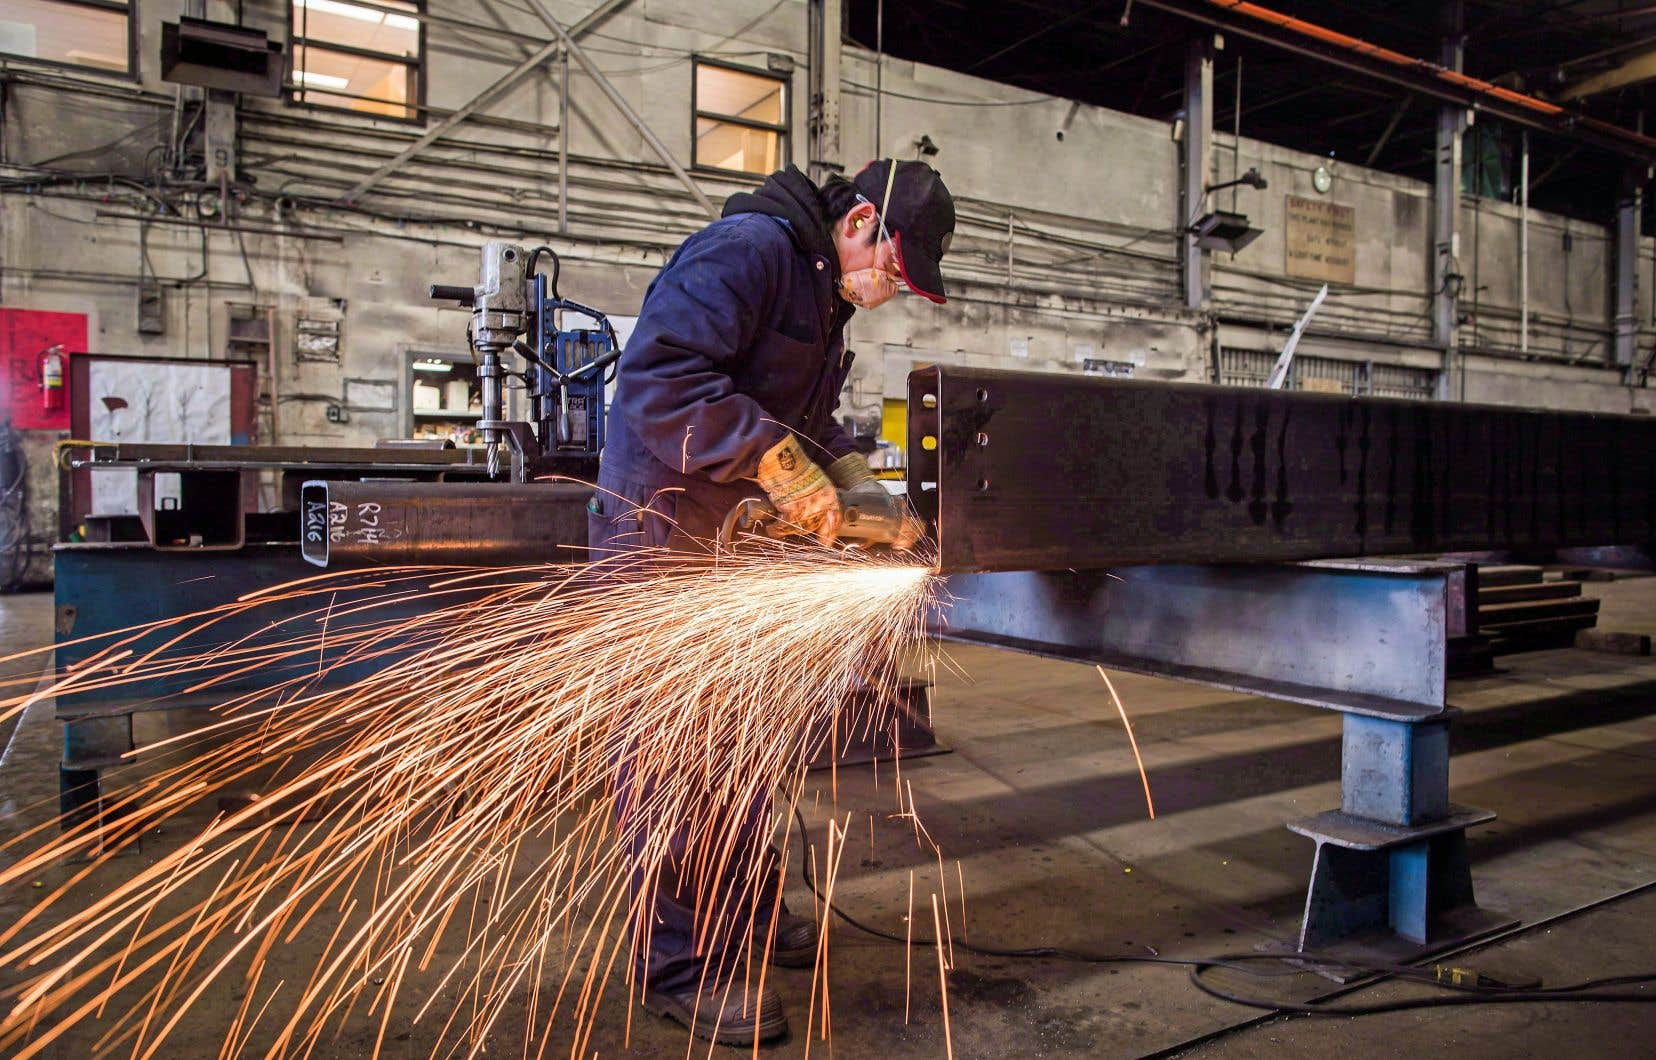 Le Canada a gagné en12 mois un total de 327000 emplois équivalant à une hausse de 1,8%, dont 38000 emplois (+ 0,9%) au Québec.